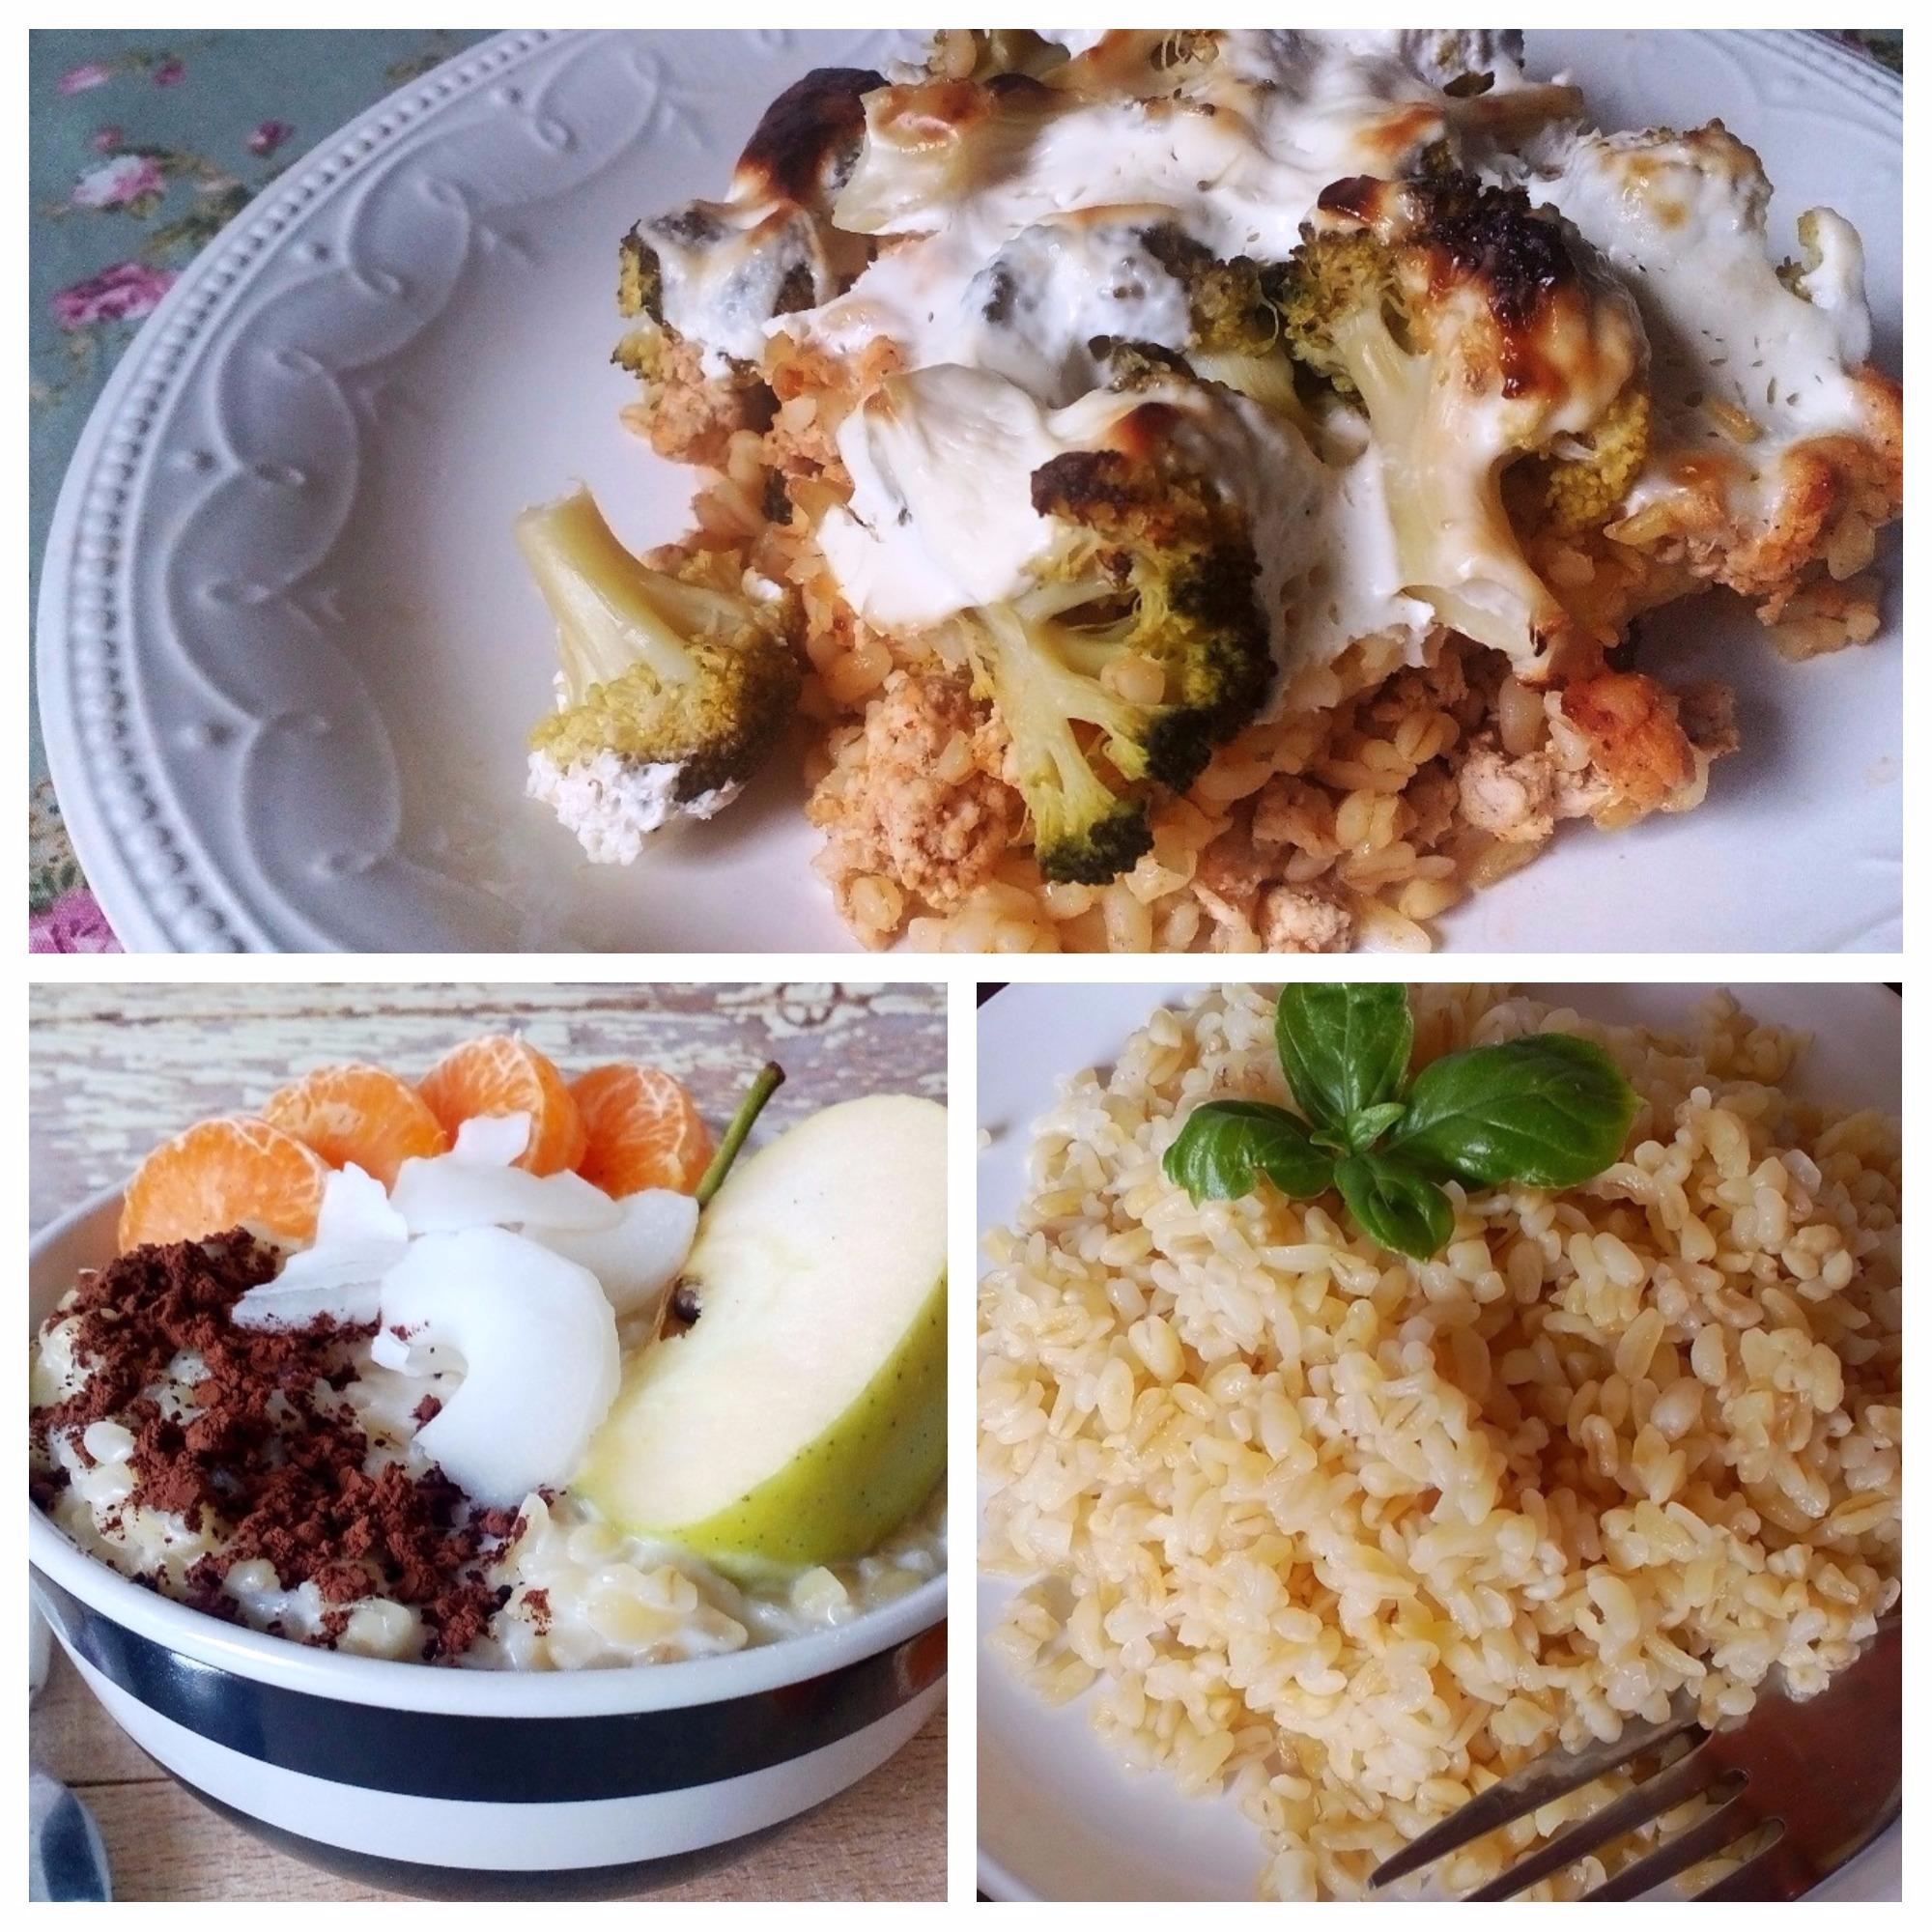 diétás ételek ebédre